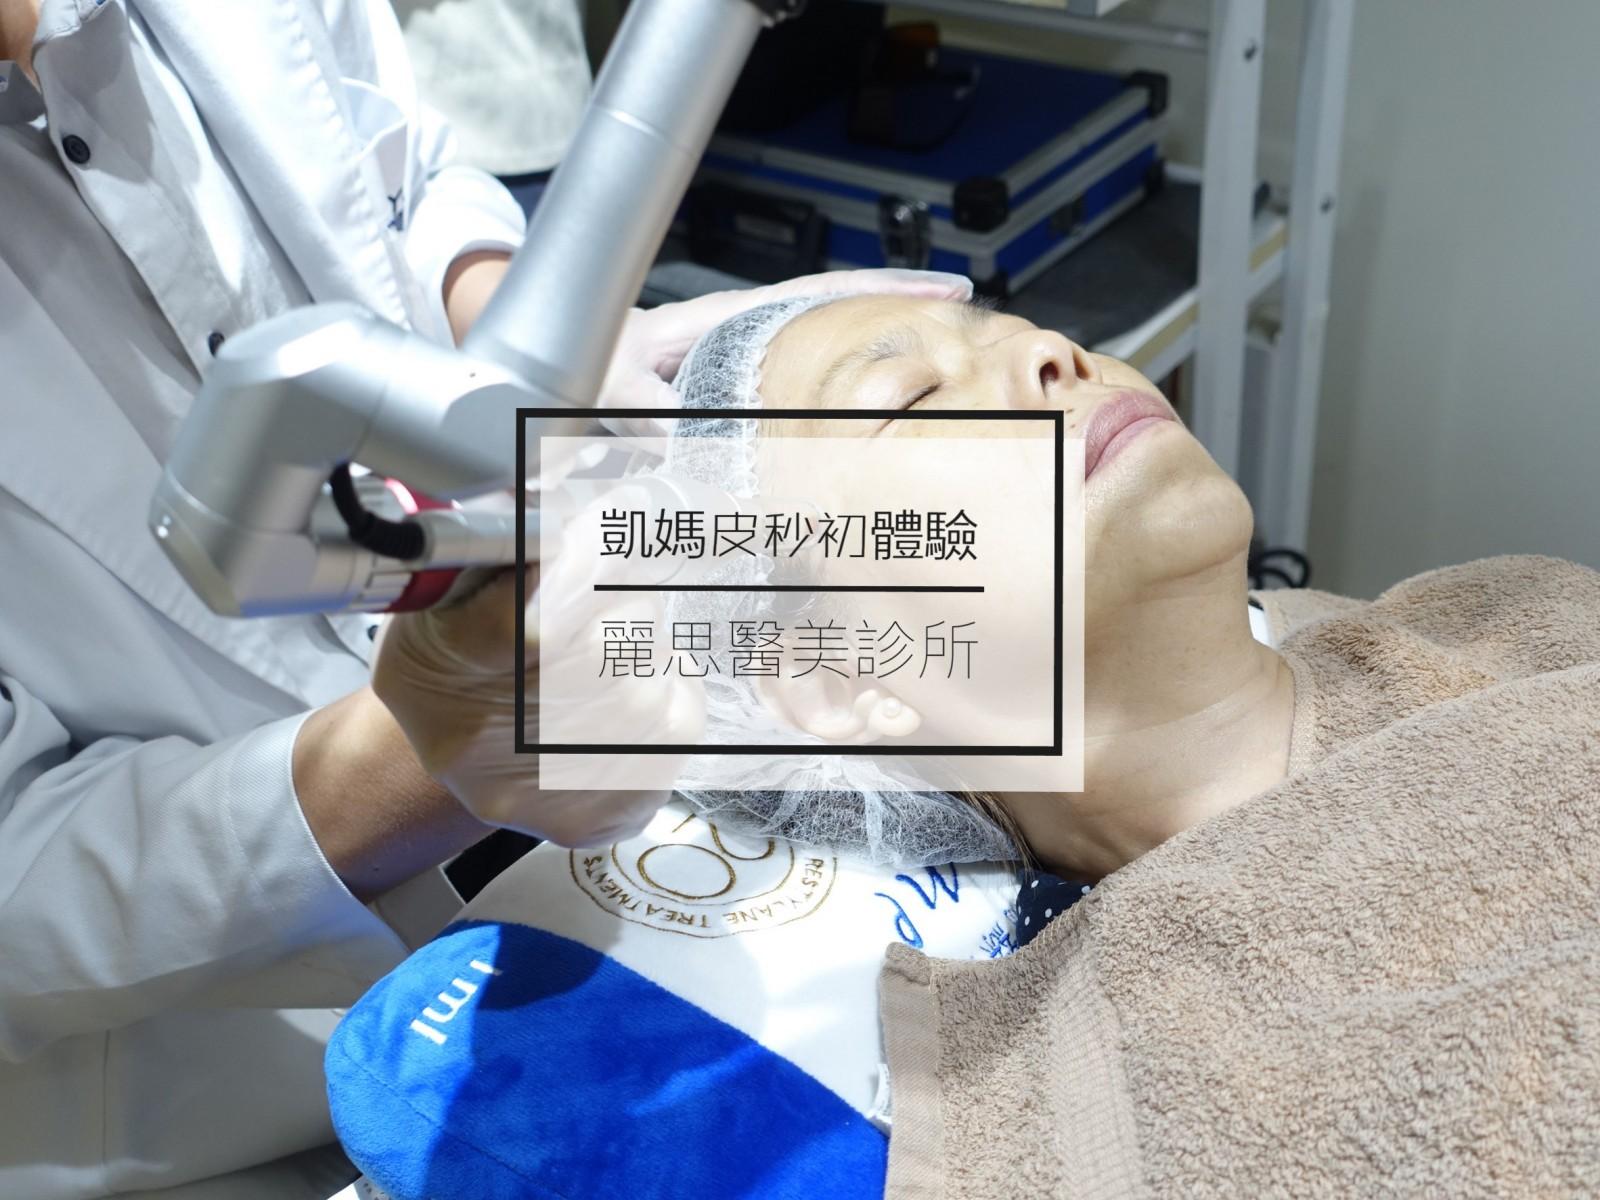 即時熱門文章:☆【醫美】西門麗思診所-凱媽的皮秒雷射初體驗